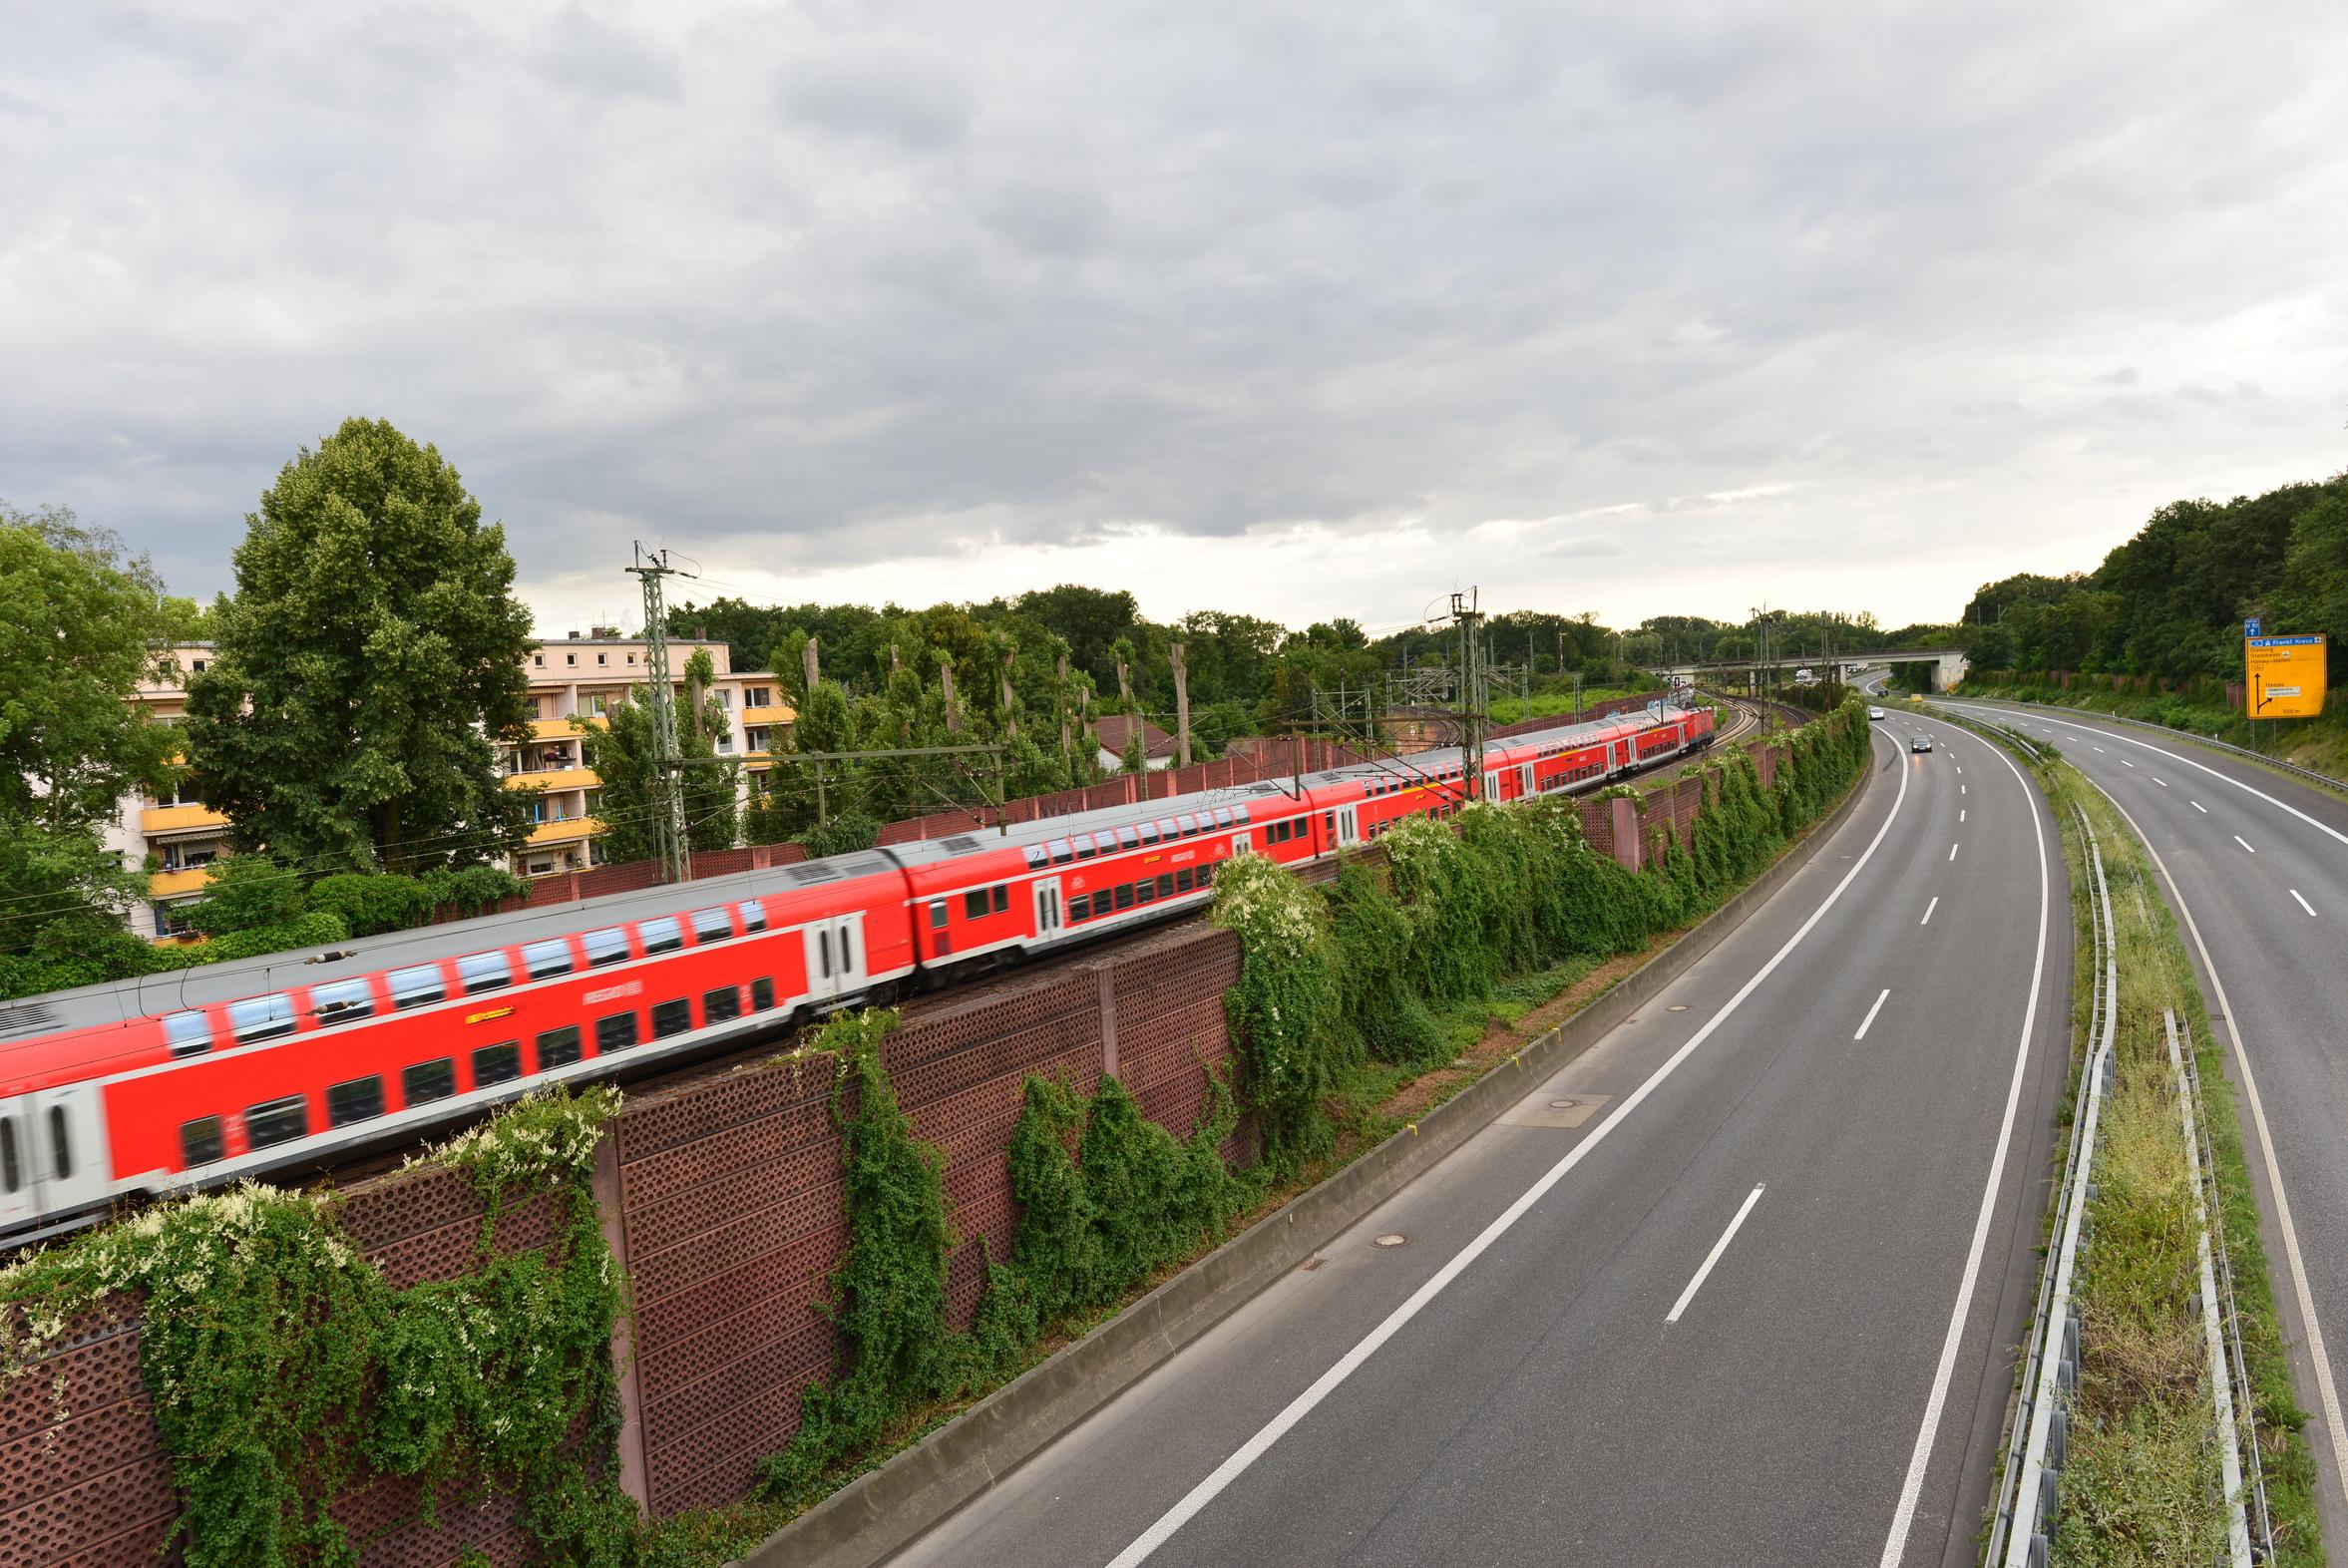 Fahrender Zug neben Bundesstraße nahe einem Wohngebiet